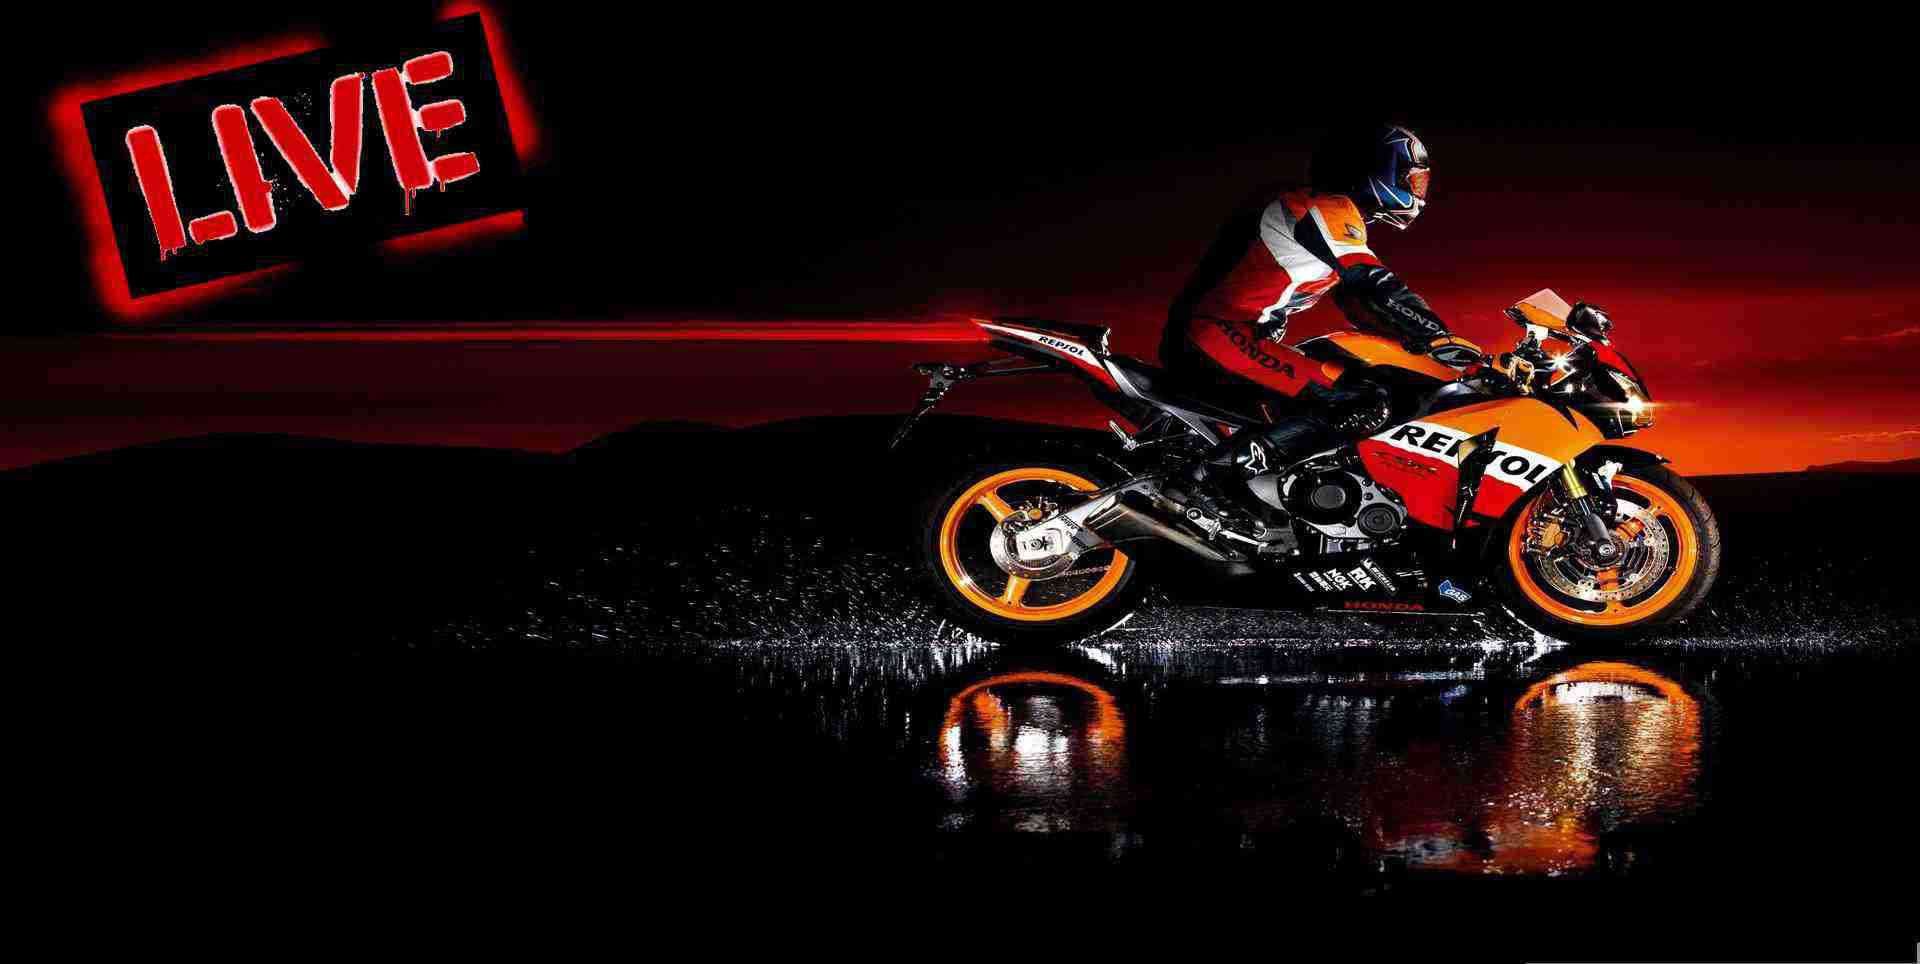 motogp-grand-prix-of-usa-live